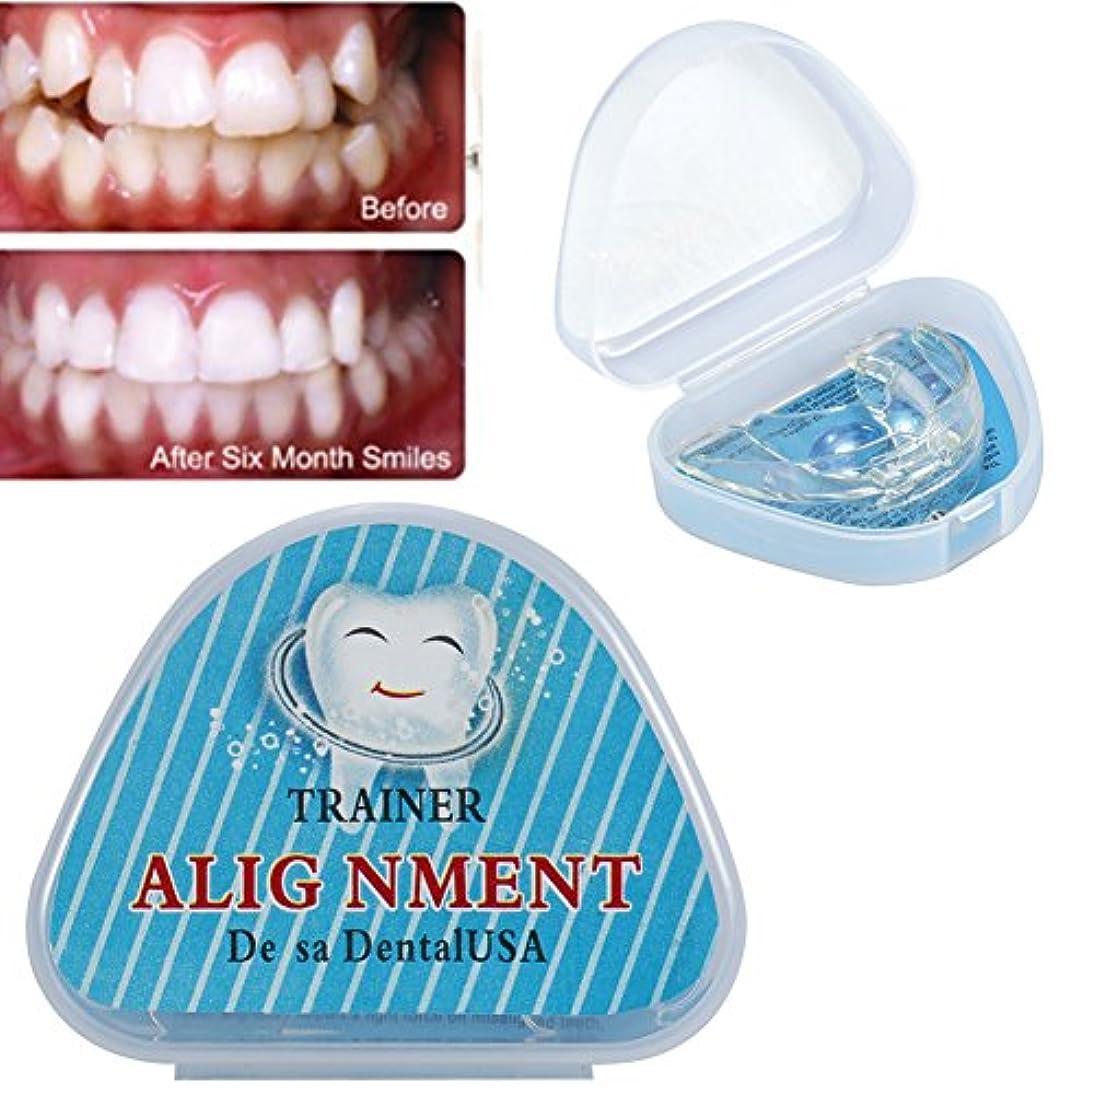 バックインキュバスミケランジェロEboxer 歯 矯正 矯正器 デンタルマウスピース 矯正用リテーナー マウスピース 噛み合わせ 歯ぎしり いびき防止 予防 歯並び 矯正